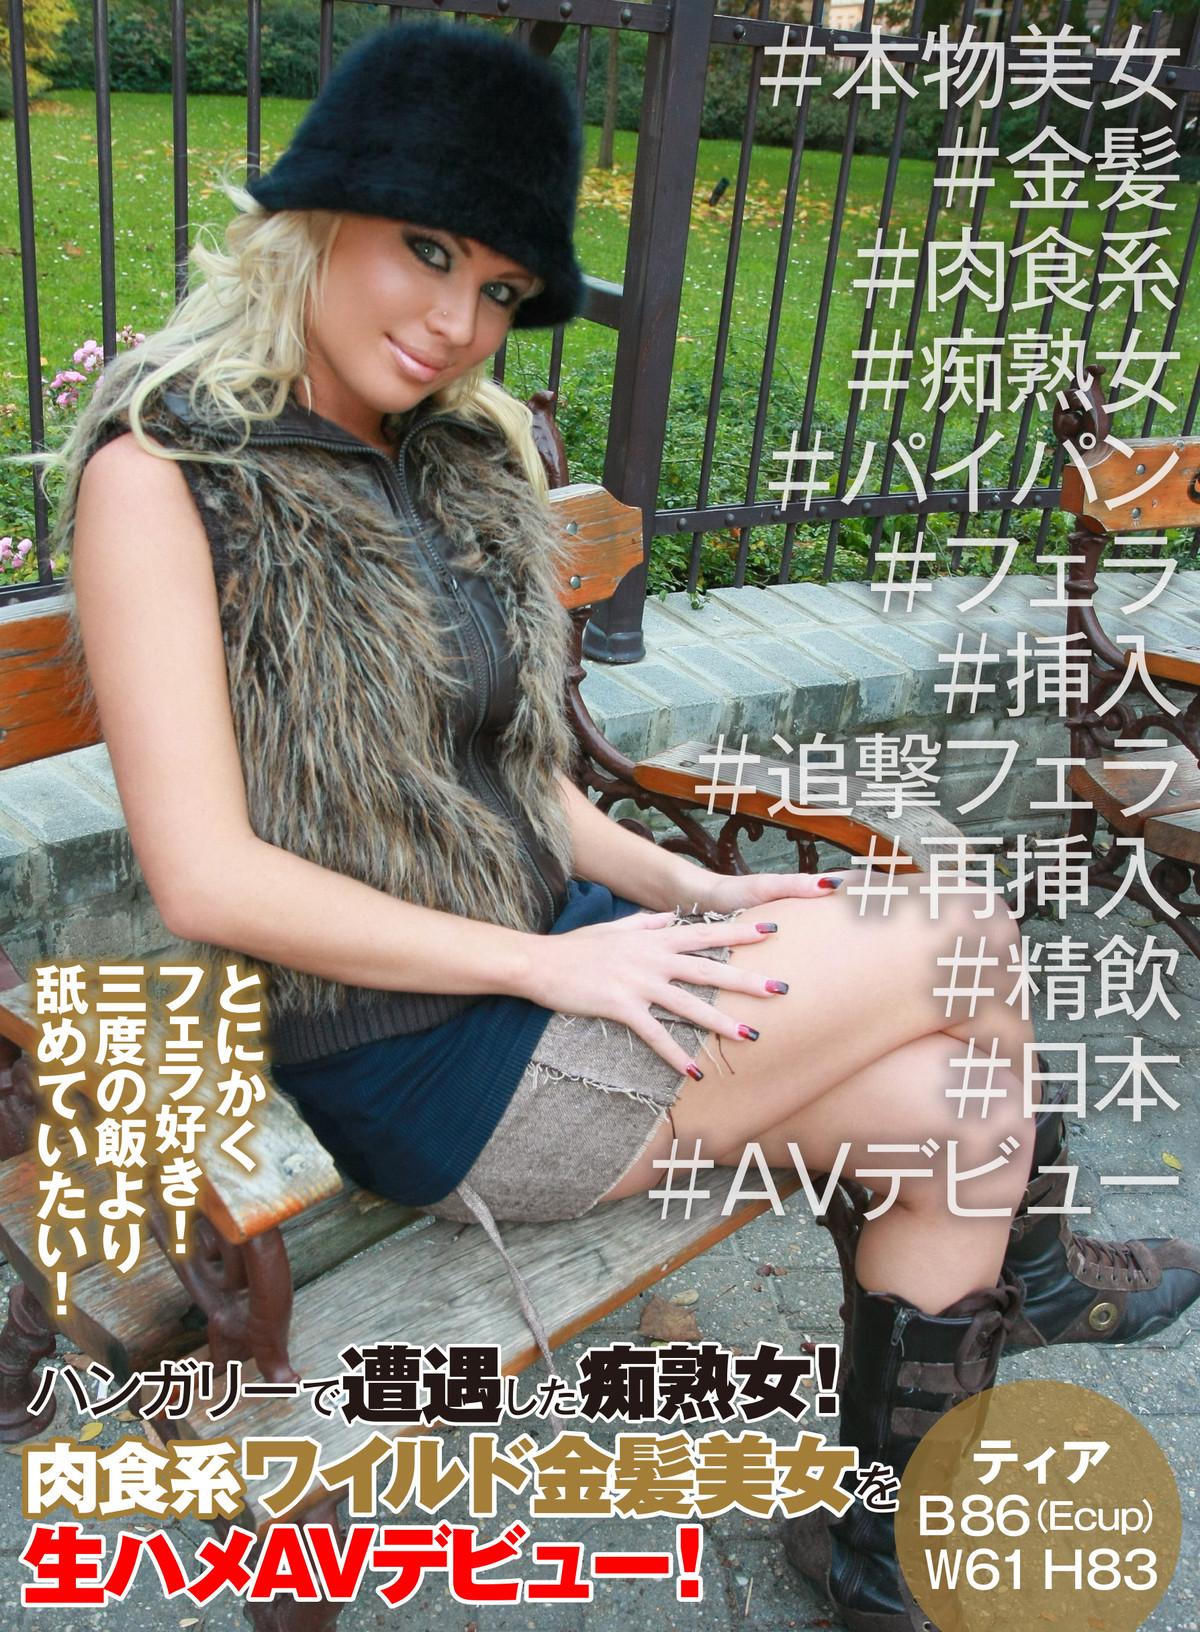 ハンガリーで遭遇した痴熟女!肉食系ワイルド金髪美女を生ハメAVデビュー!とにかくフェラ好き!三度の飯より舐めていたい!